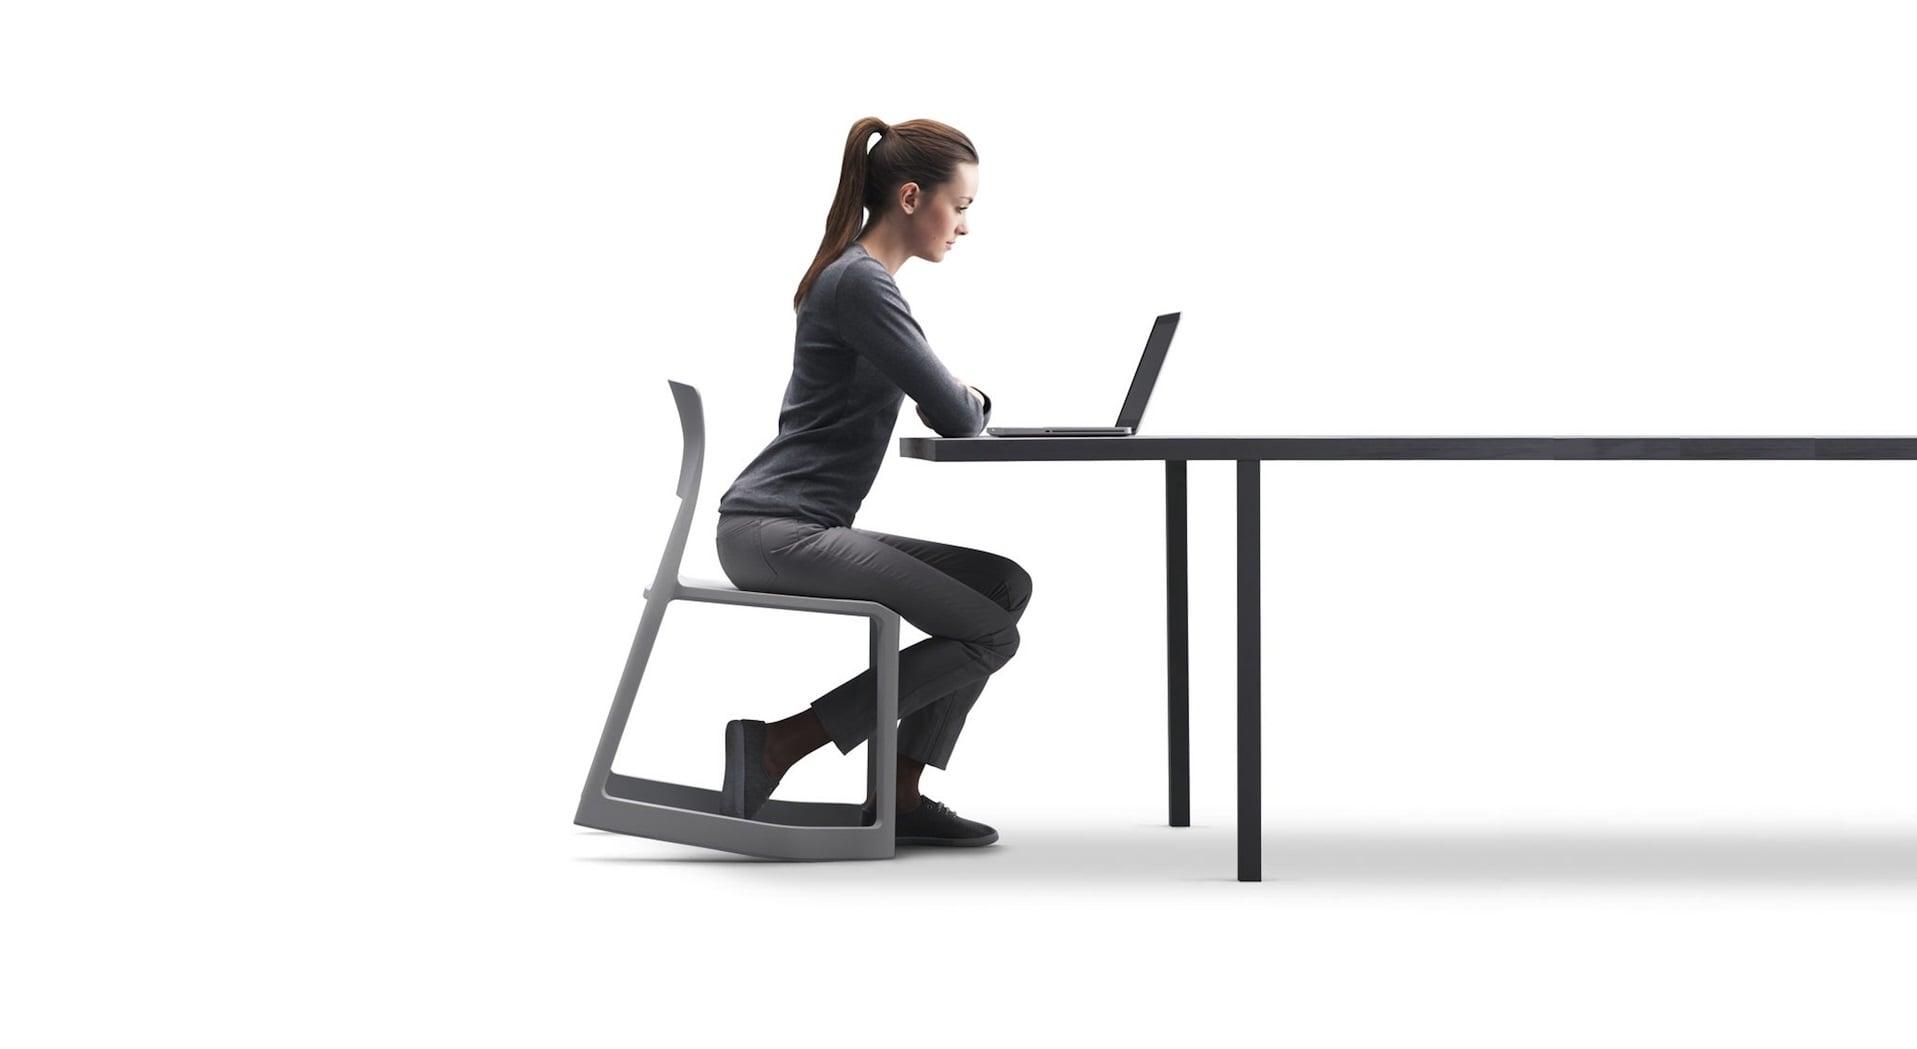 چرا نشستن طولانی مدت برای سلامتی مضر می باشد؟ (عوارض جانبی آن)